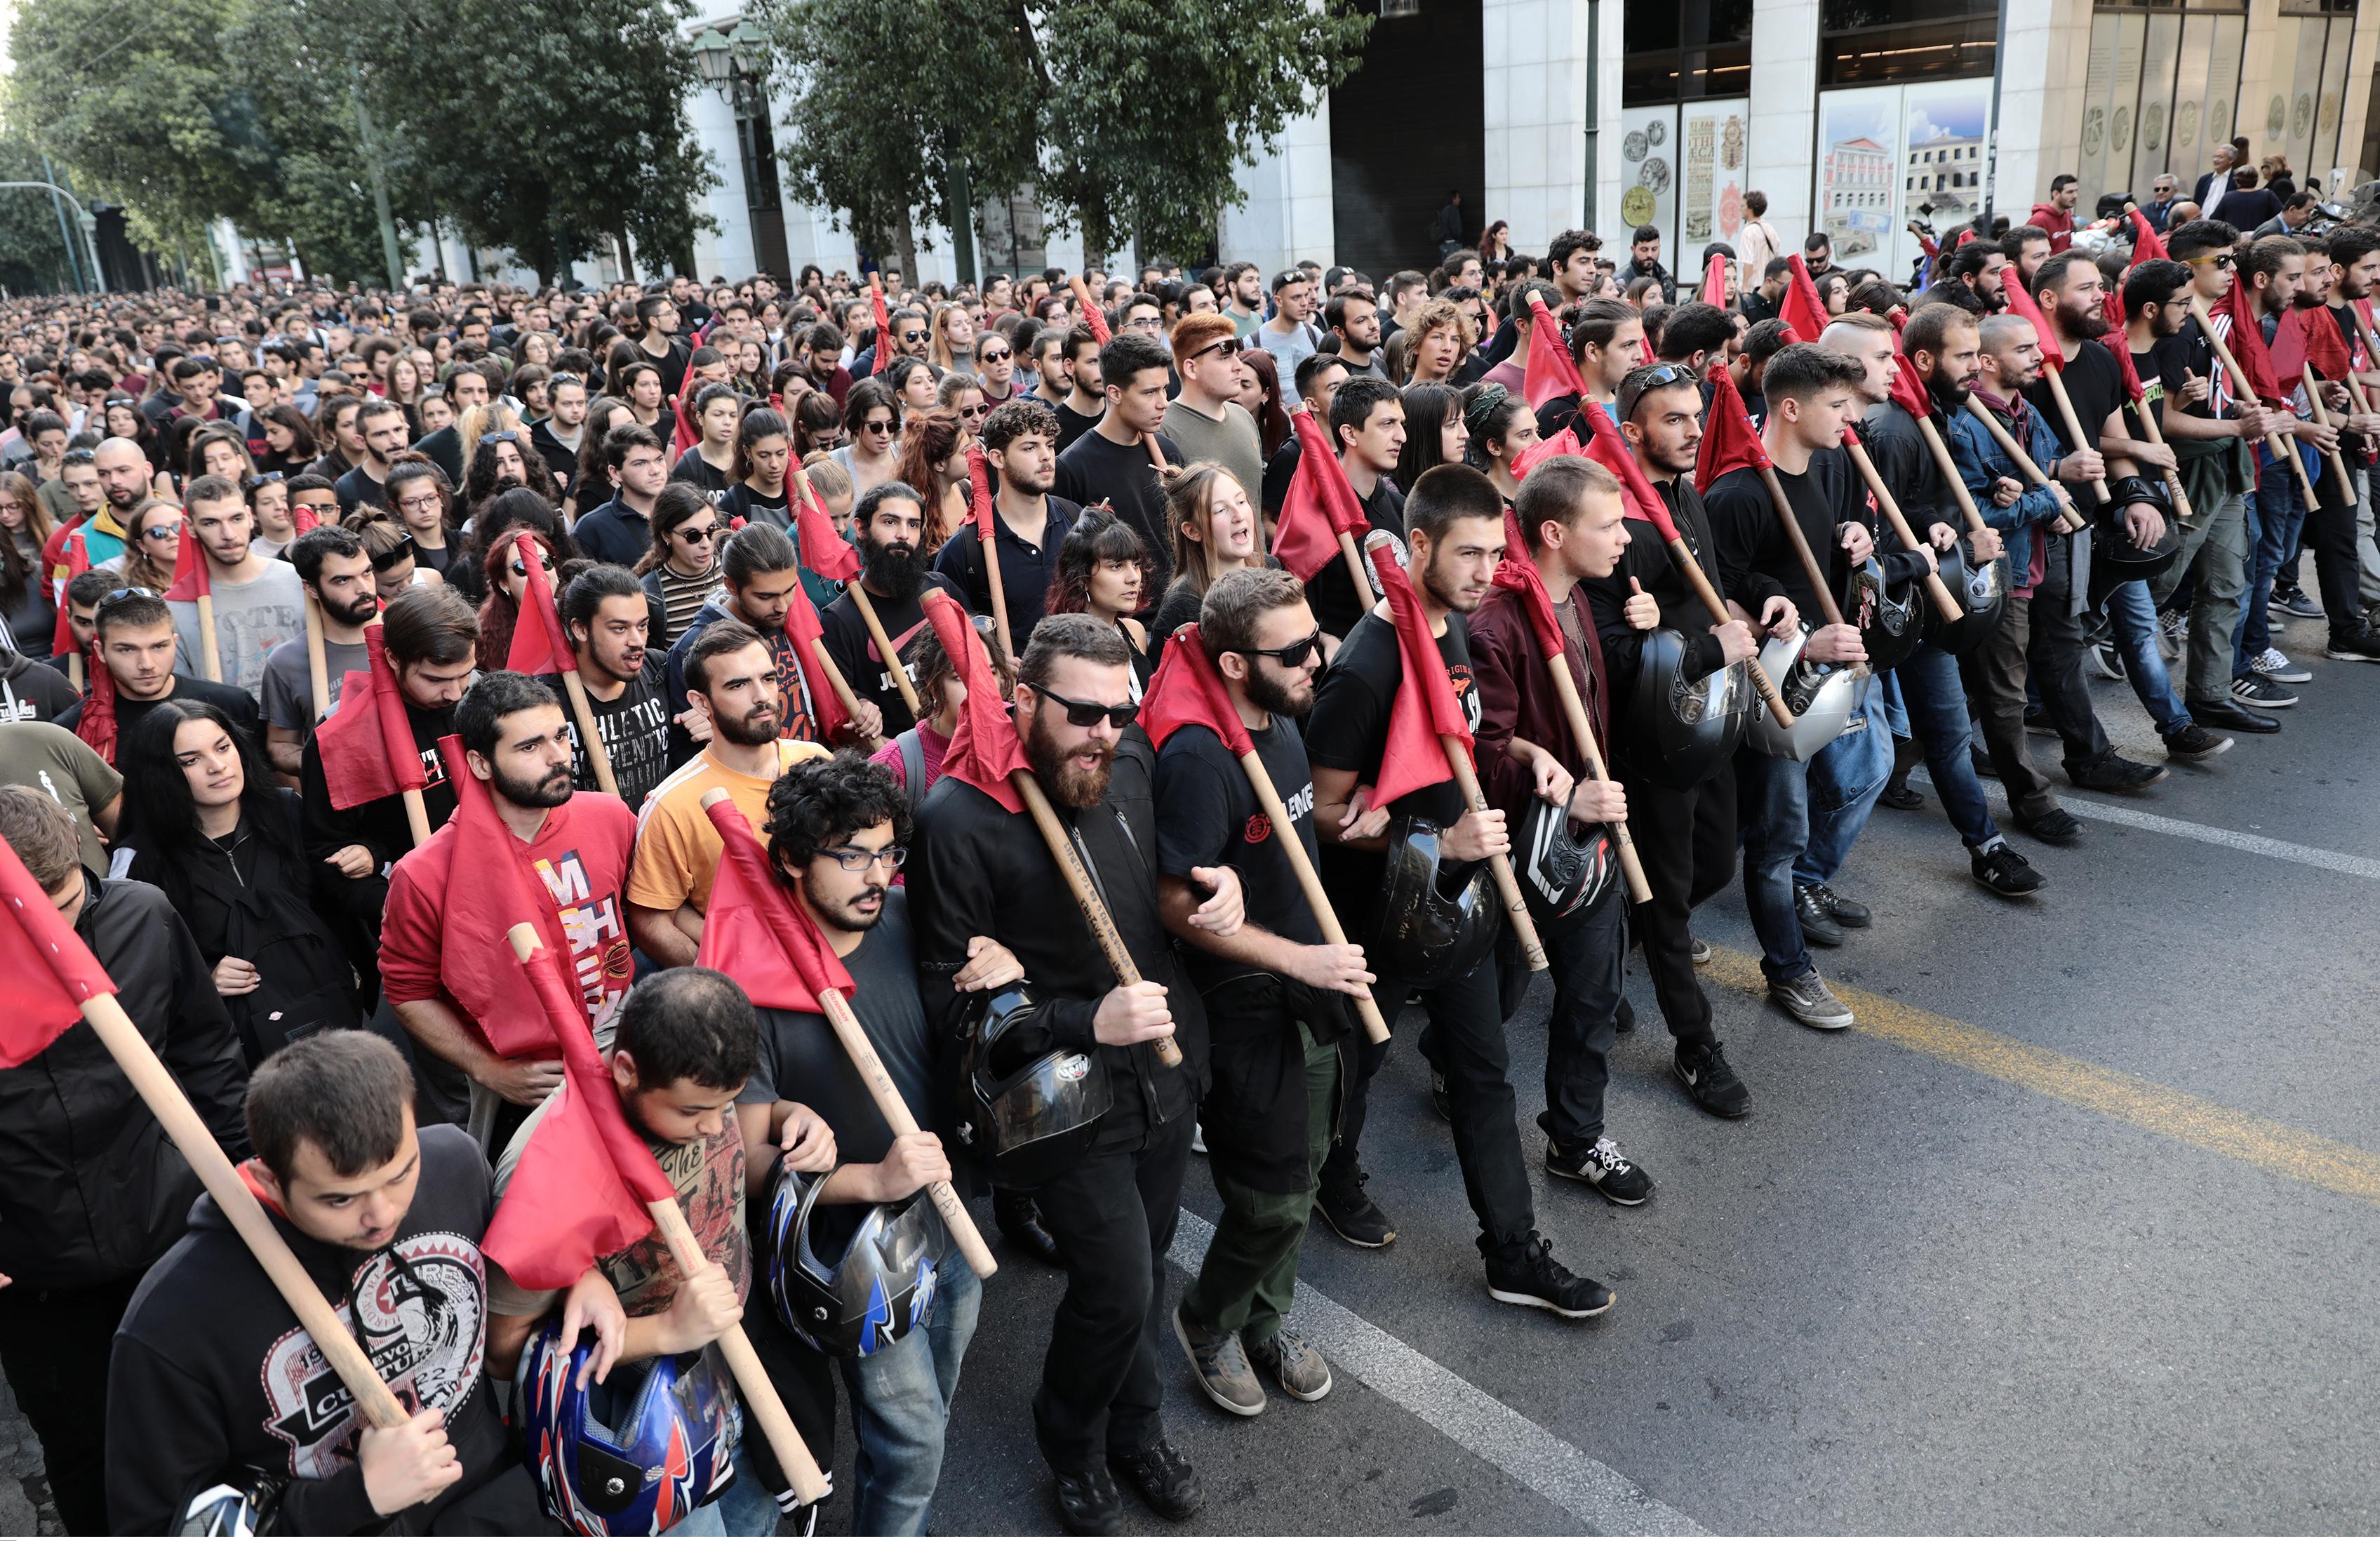 Φοιτητικό συλλαλητήριο στην Αθήνα ενάντια στην κατάργηση του ασύλου - Επίθεση σε δυο καταστήματα [pics]